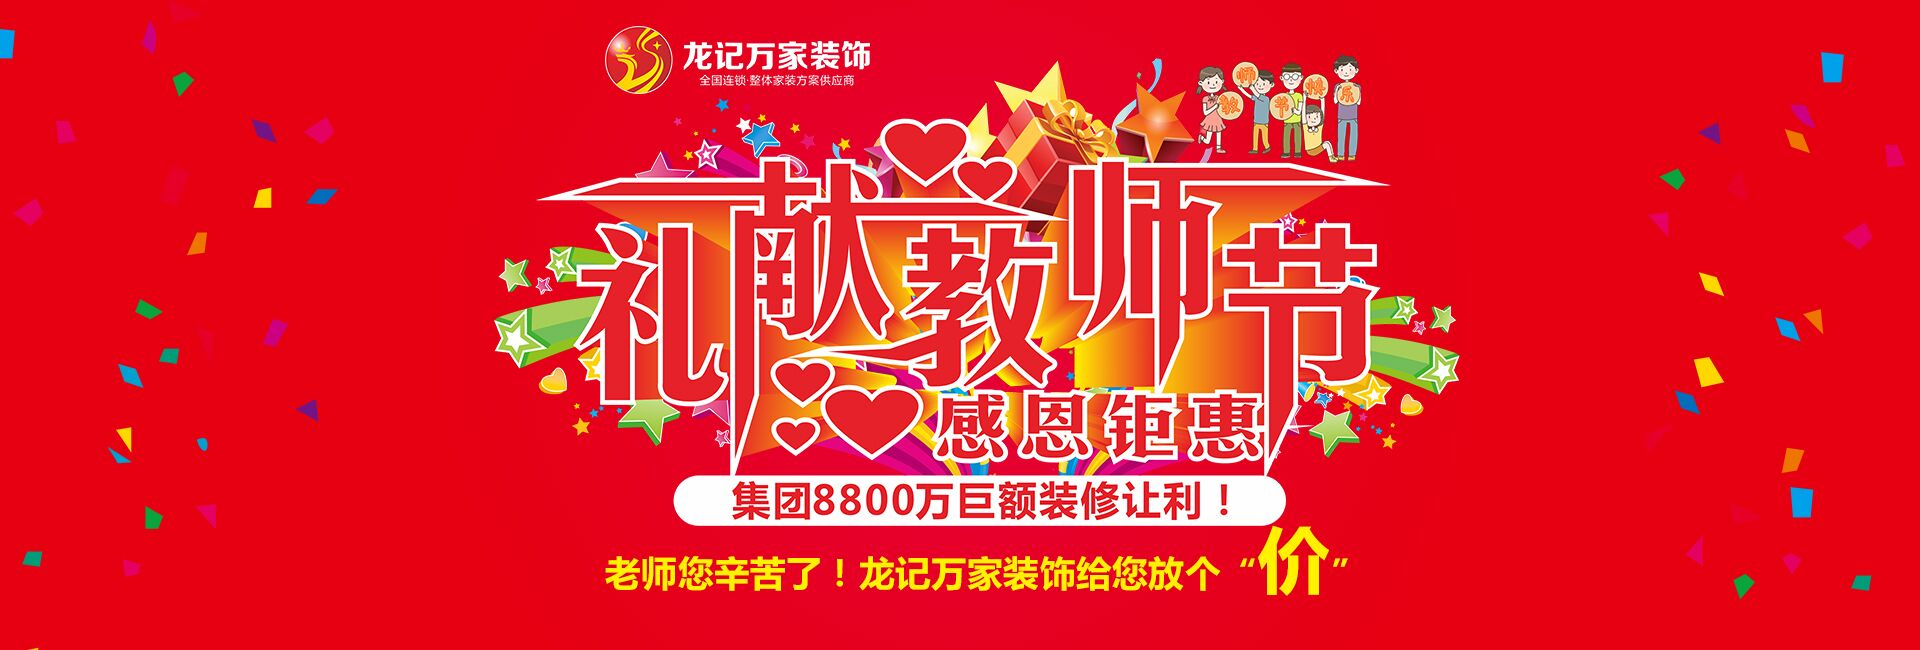 龙记万家装饰礼献教师节,感恩钜惠,8800万巨额装修让利!